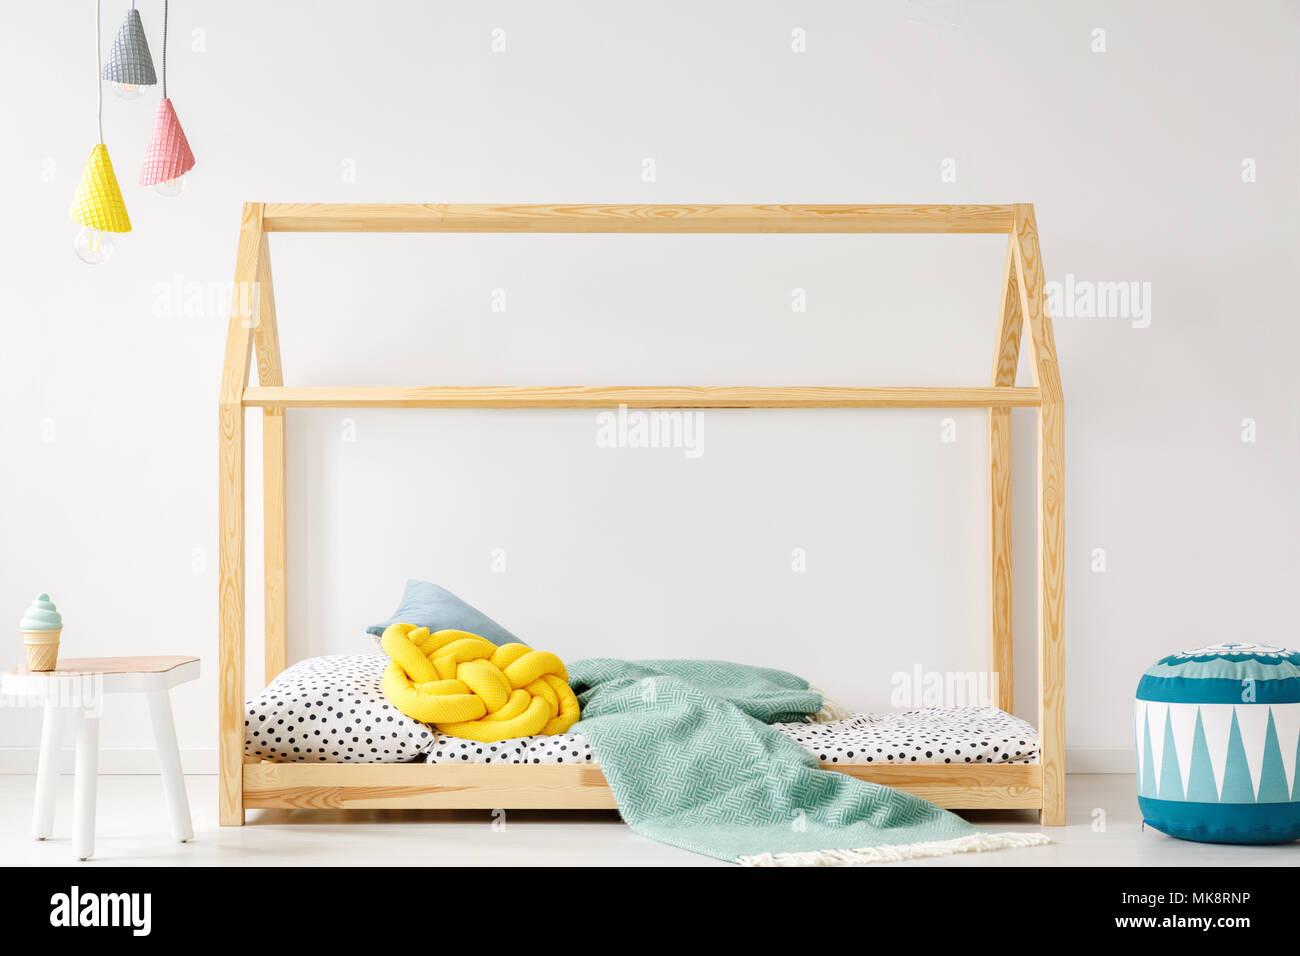 Camera Per Ragazzi Fai Da Te : Cuscino giallo e blu un lenzuolo sul letto in legno per il fai da te